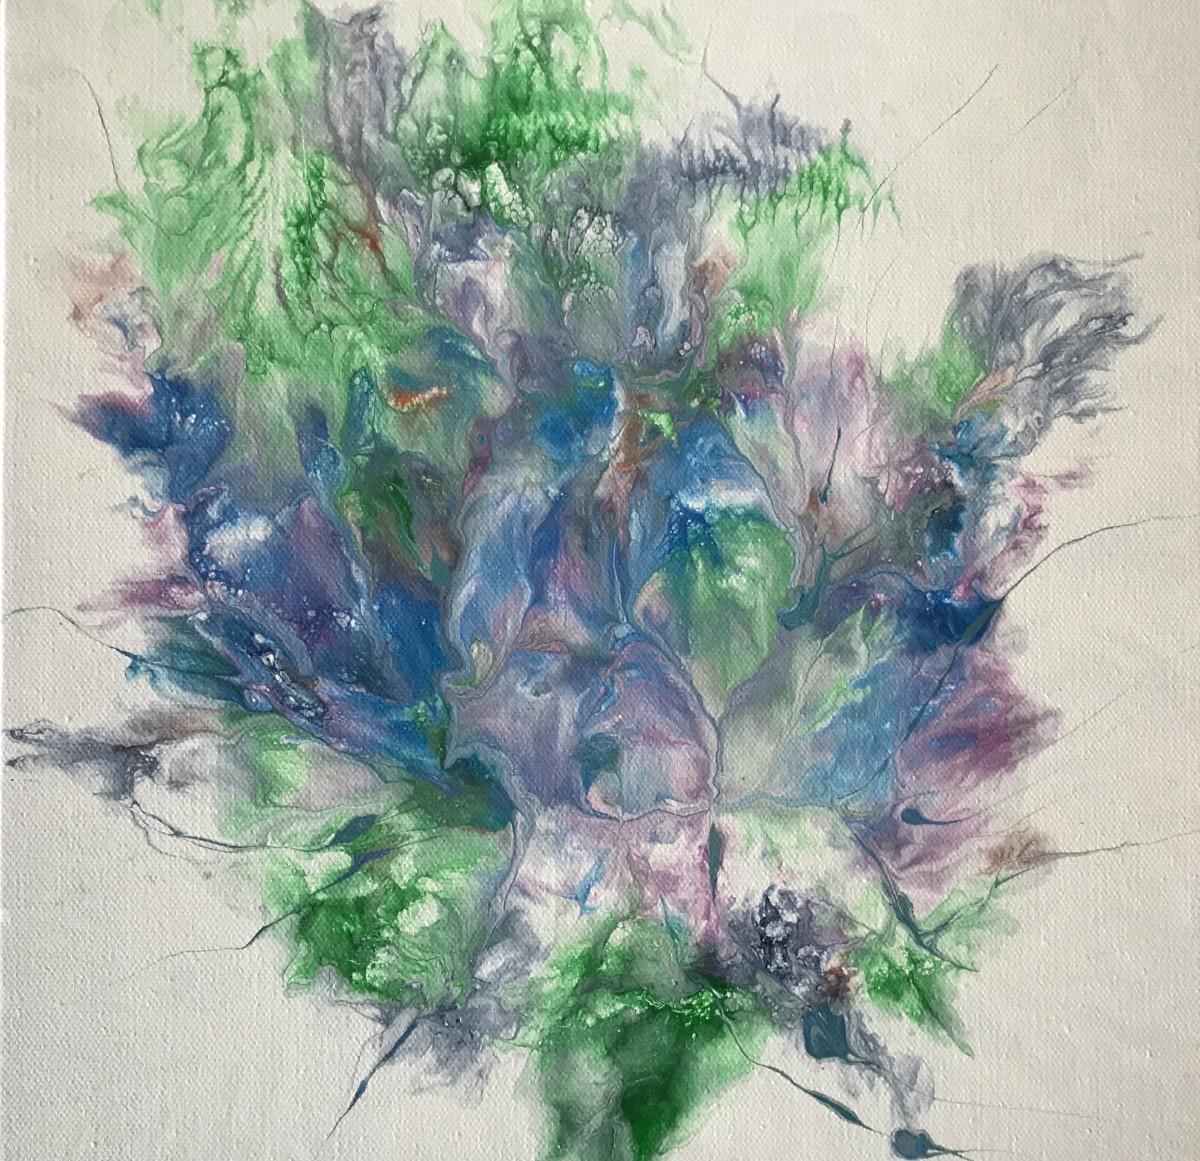 Floating Ocean Flowers: One by Mari O'Brien